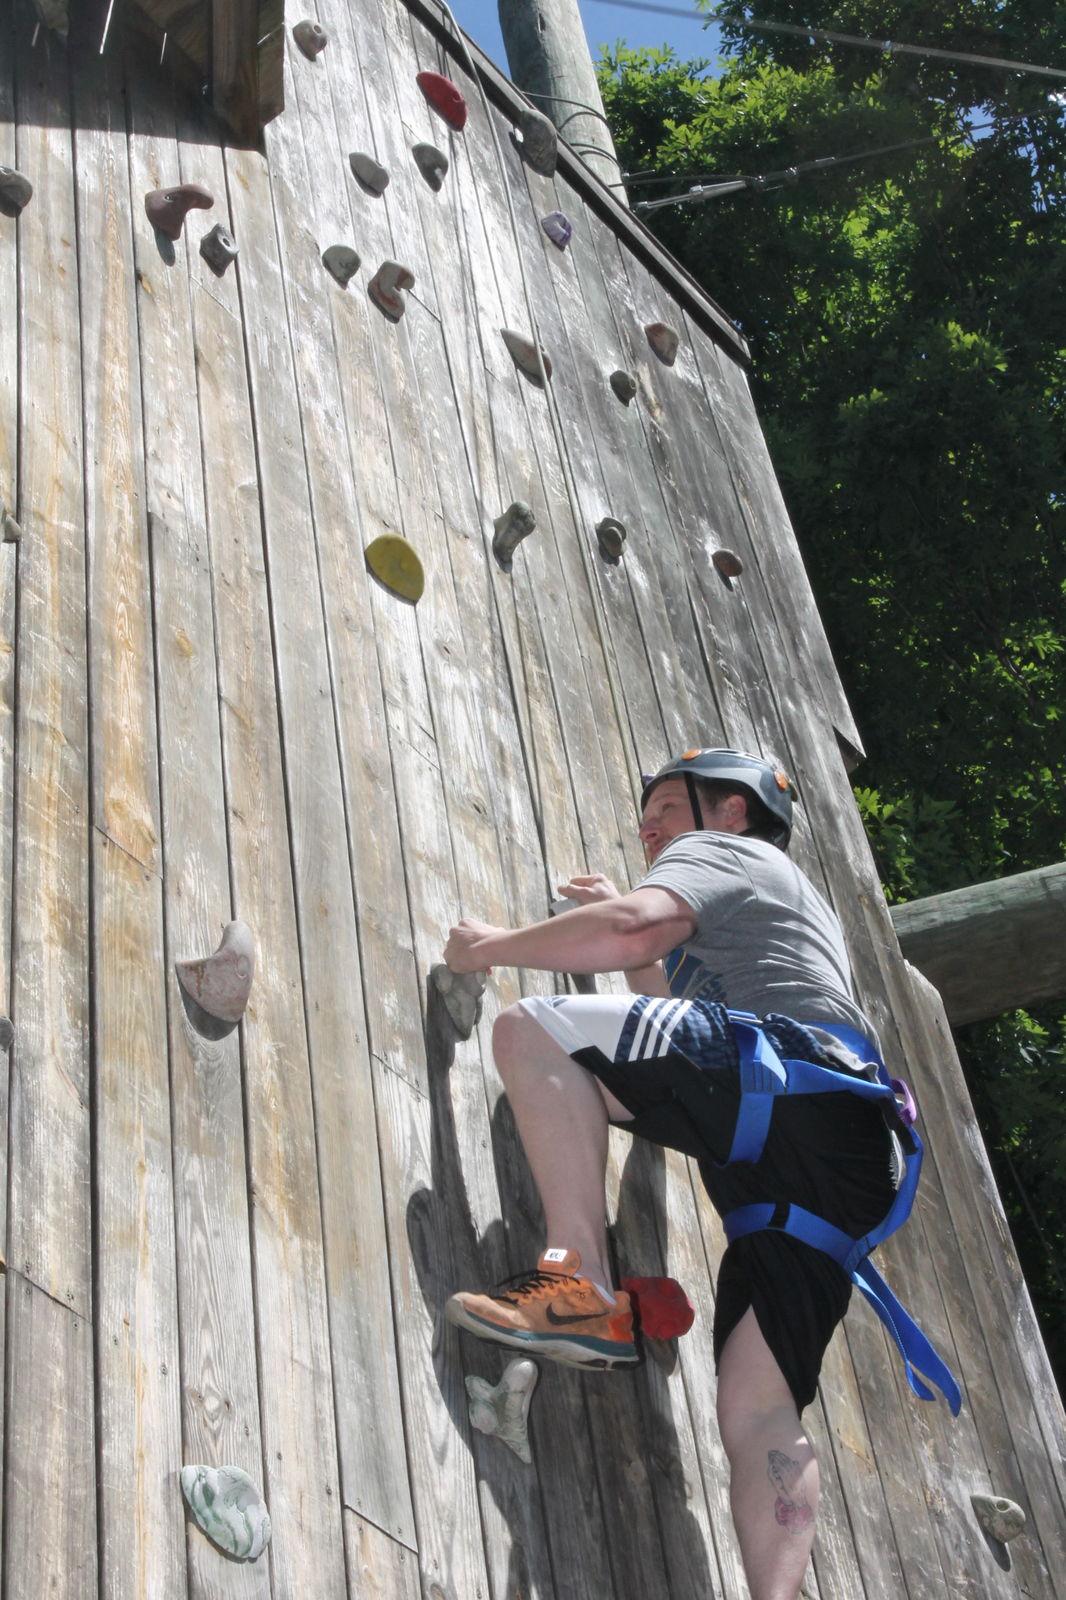 Universal Challenge Course Teaches Teamwork Packs Thrills